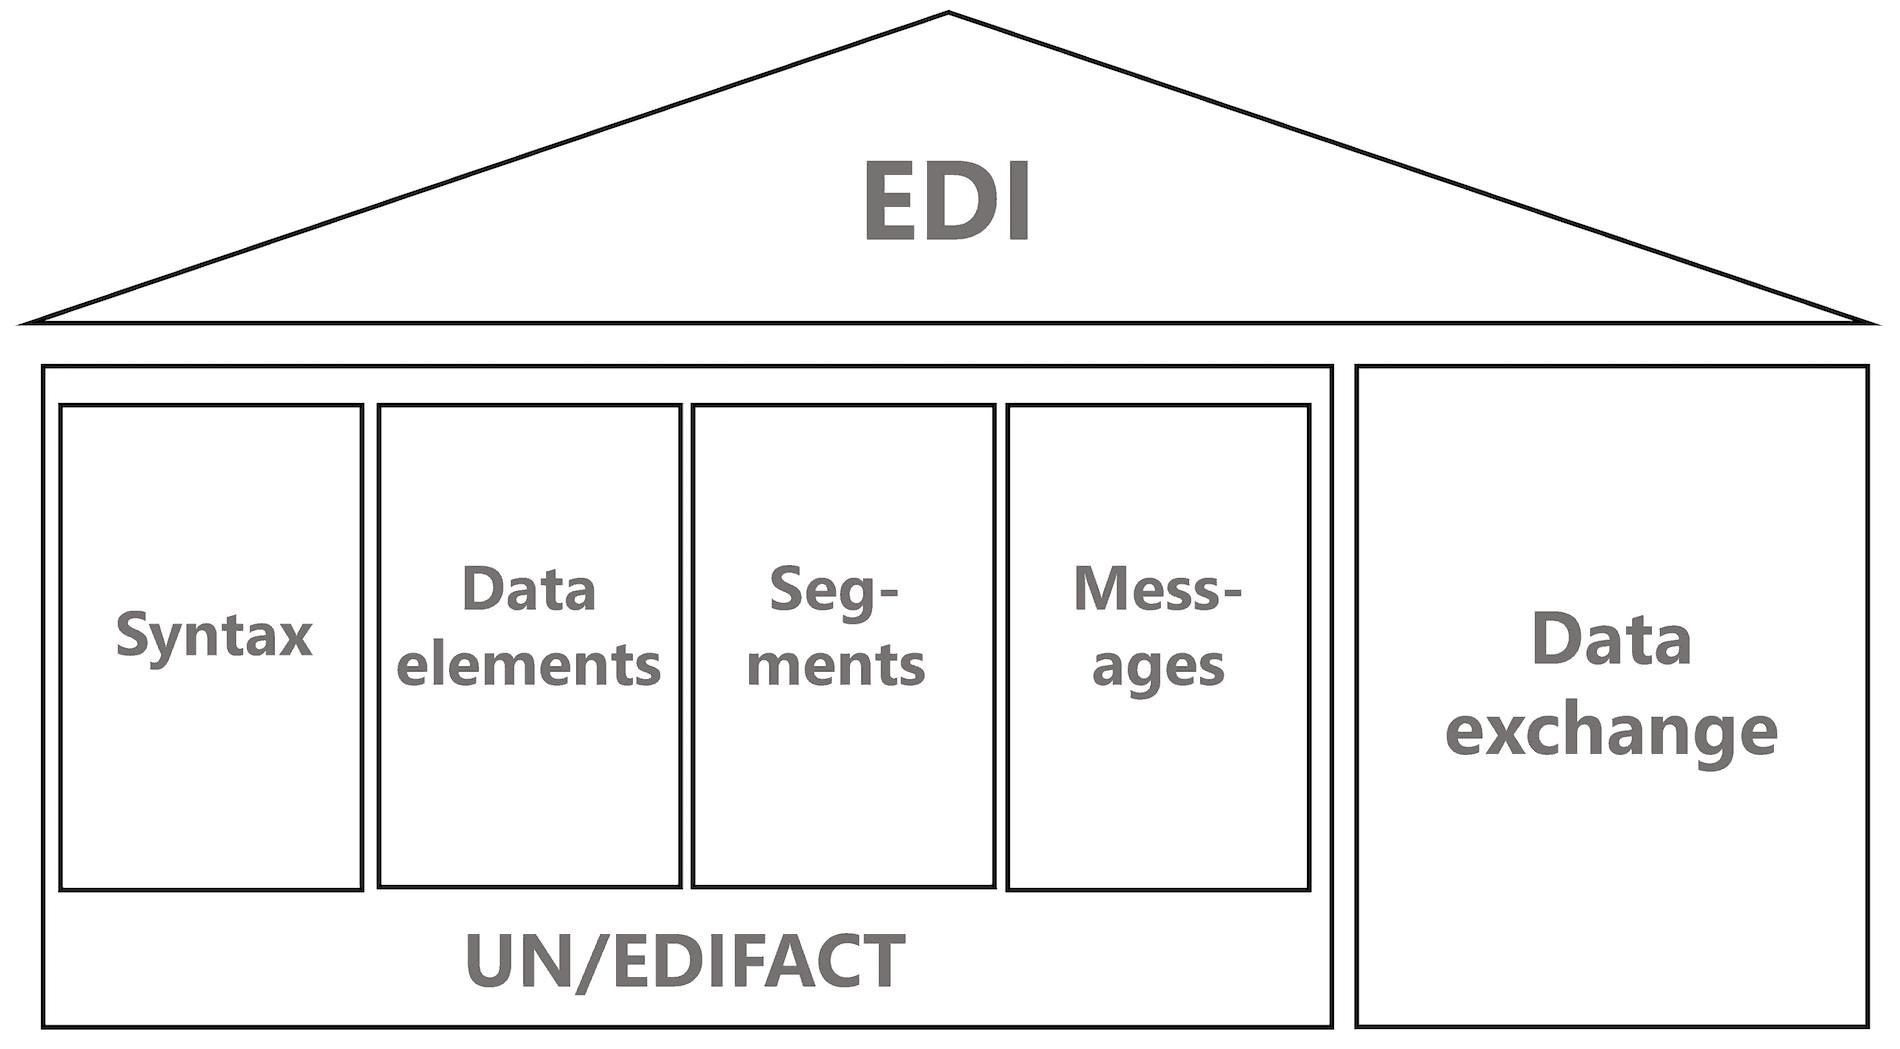 Pillars of an EDI standard